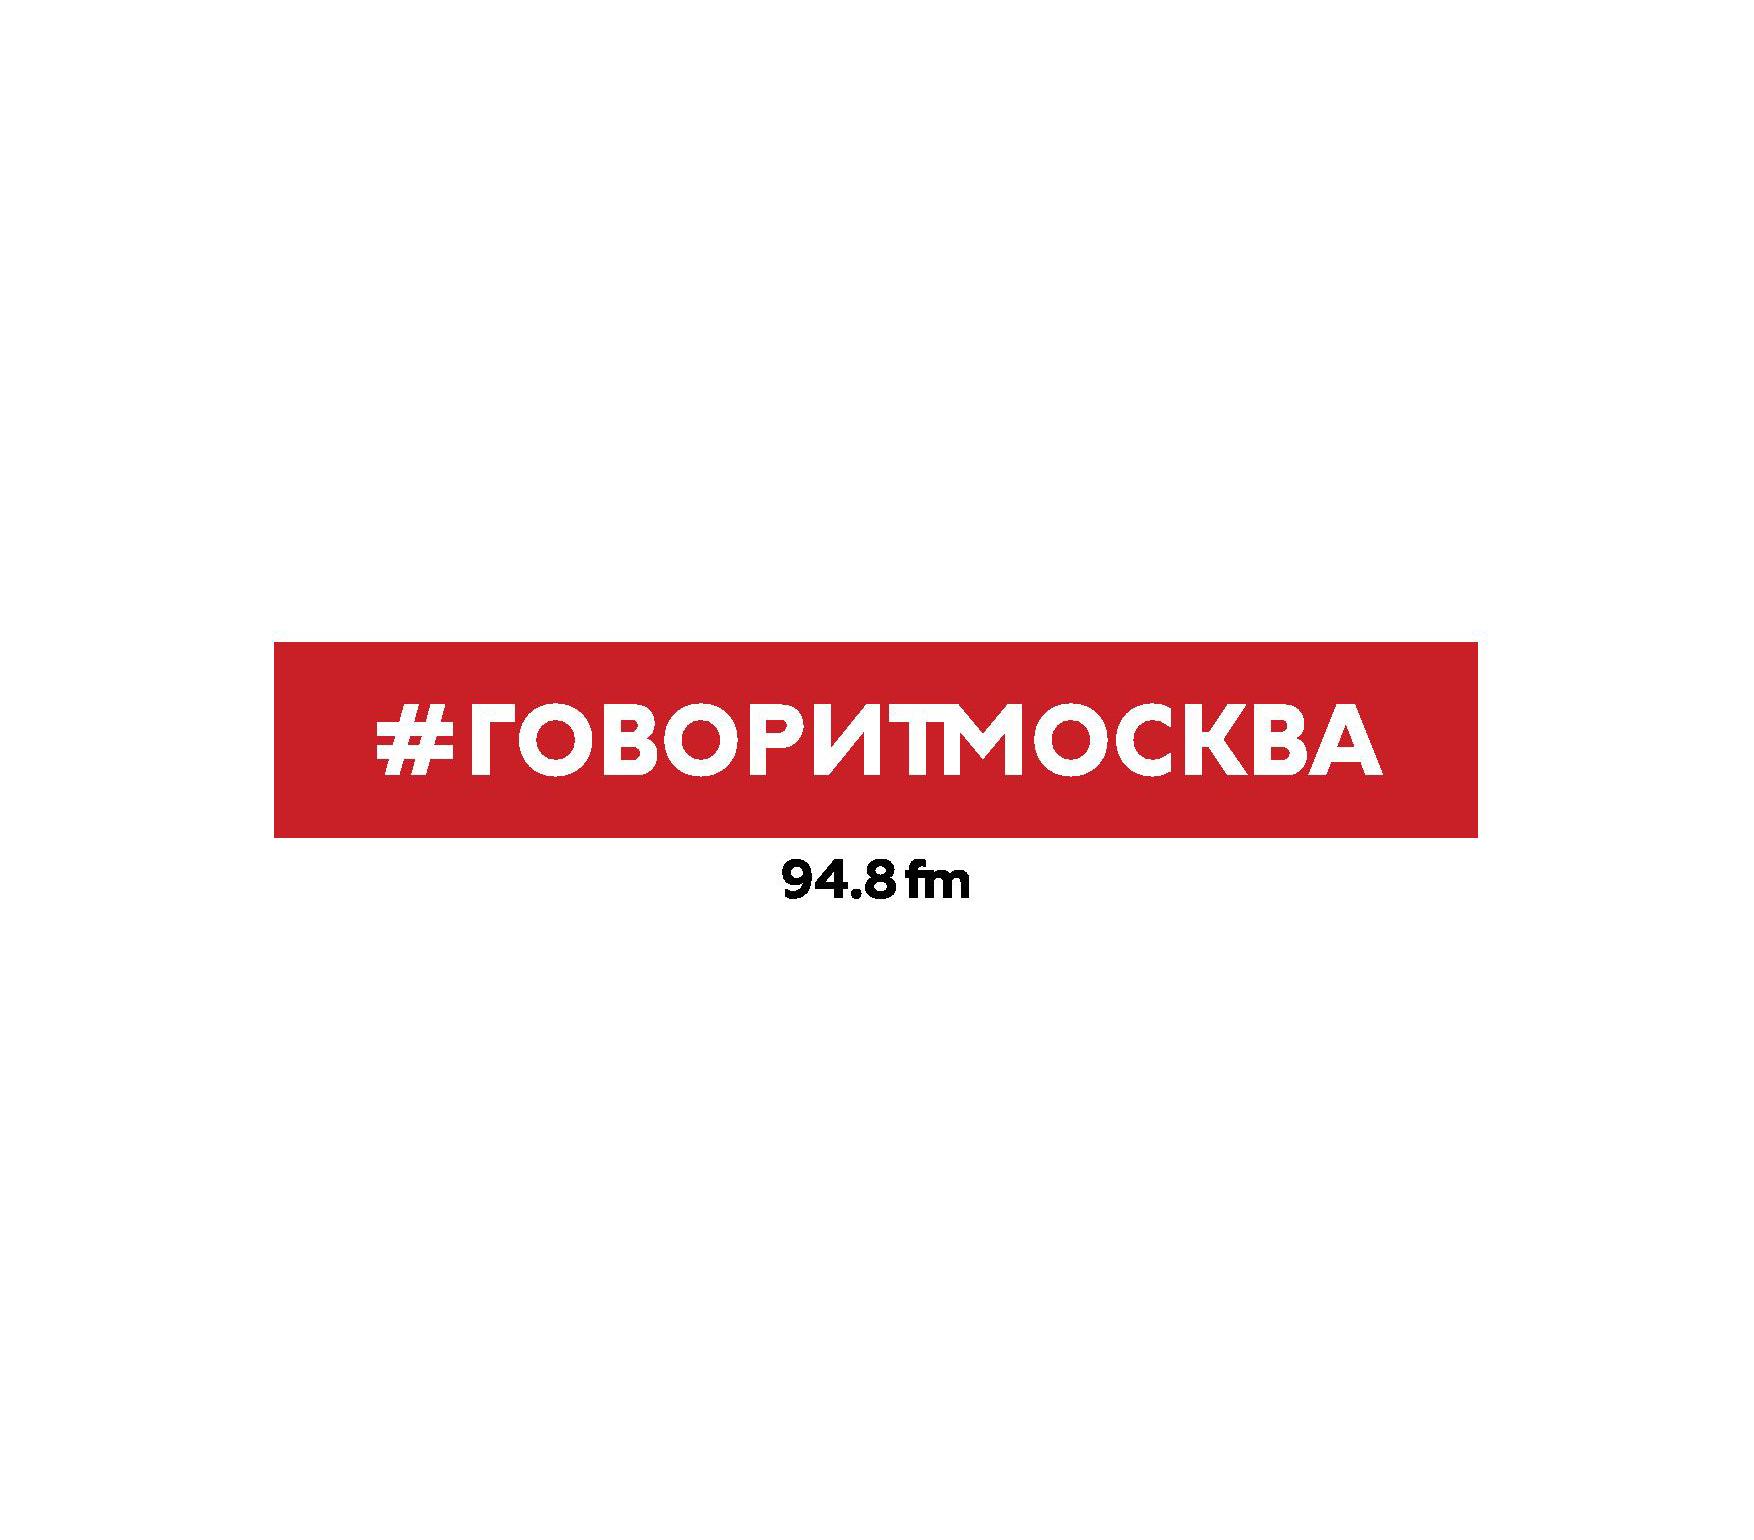 Станислав Симонов Посольства Москвы станислав симонов театры москвы